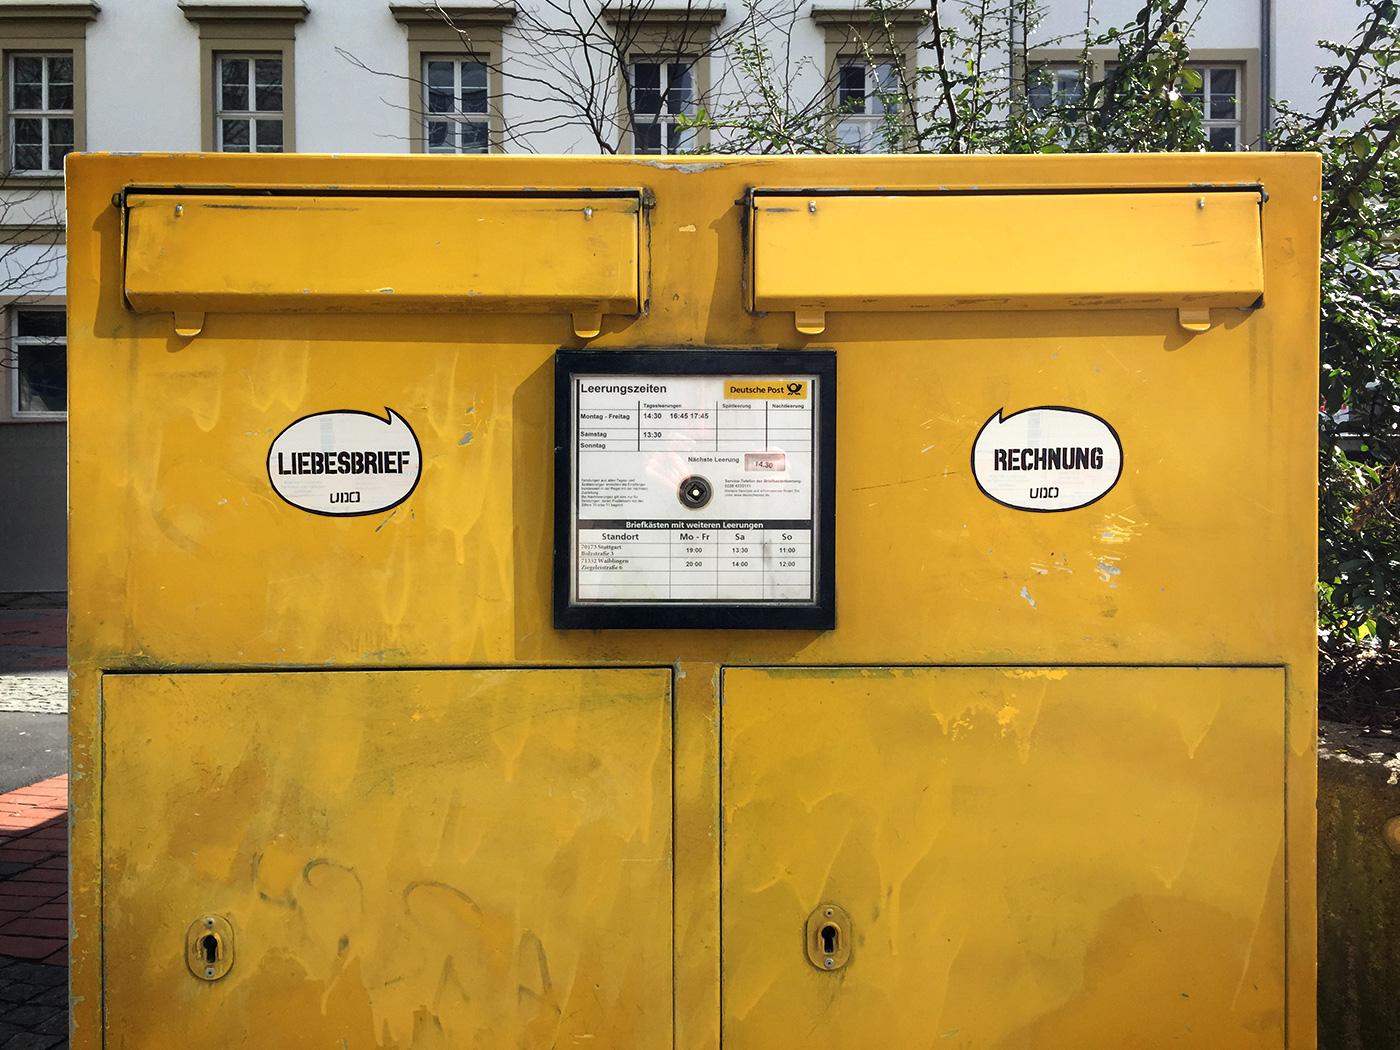 liebesbrief rechnung sticker streetart briefkasten doppelbriefkasten